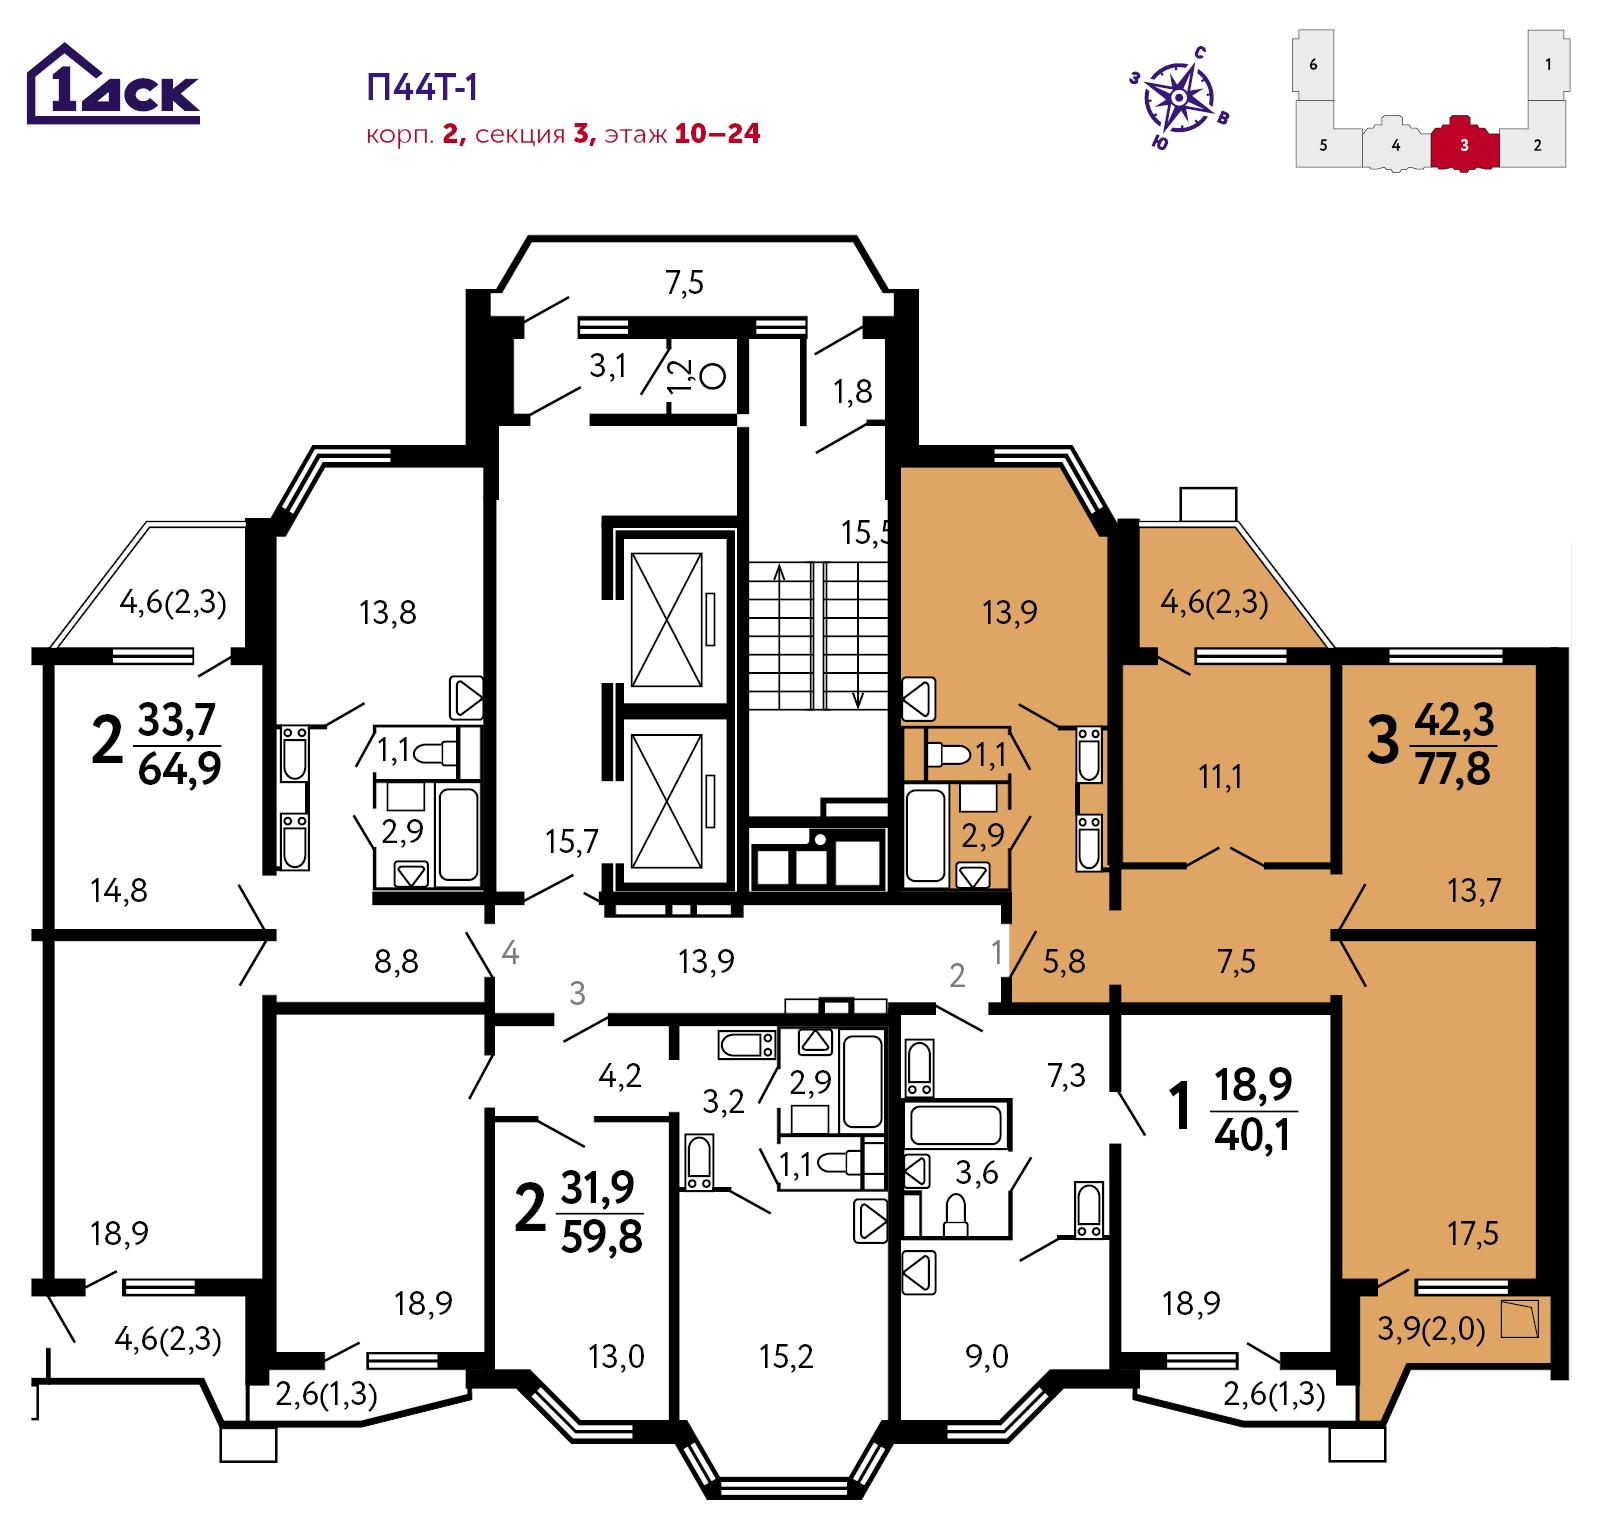 3-комнатная квартира, 77.8м² за 10,4 млн руб.